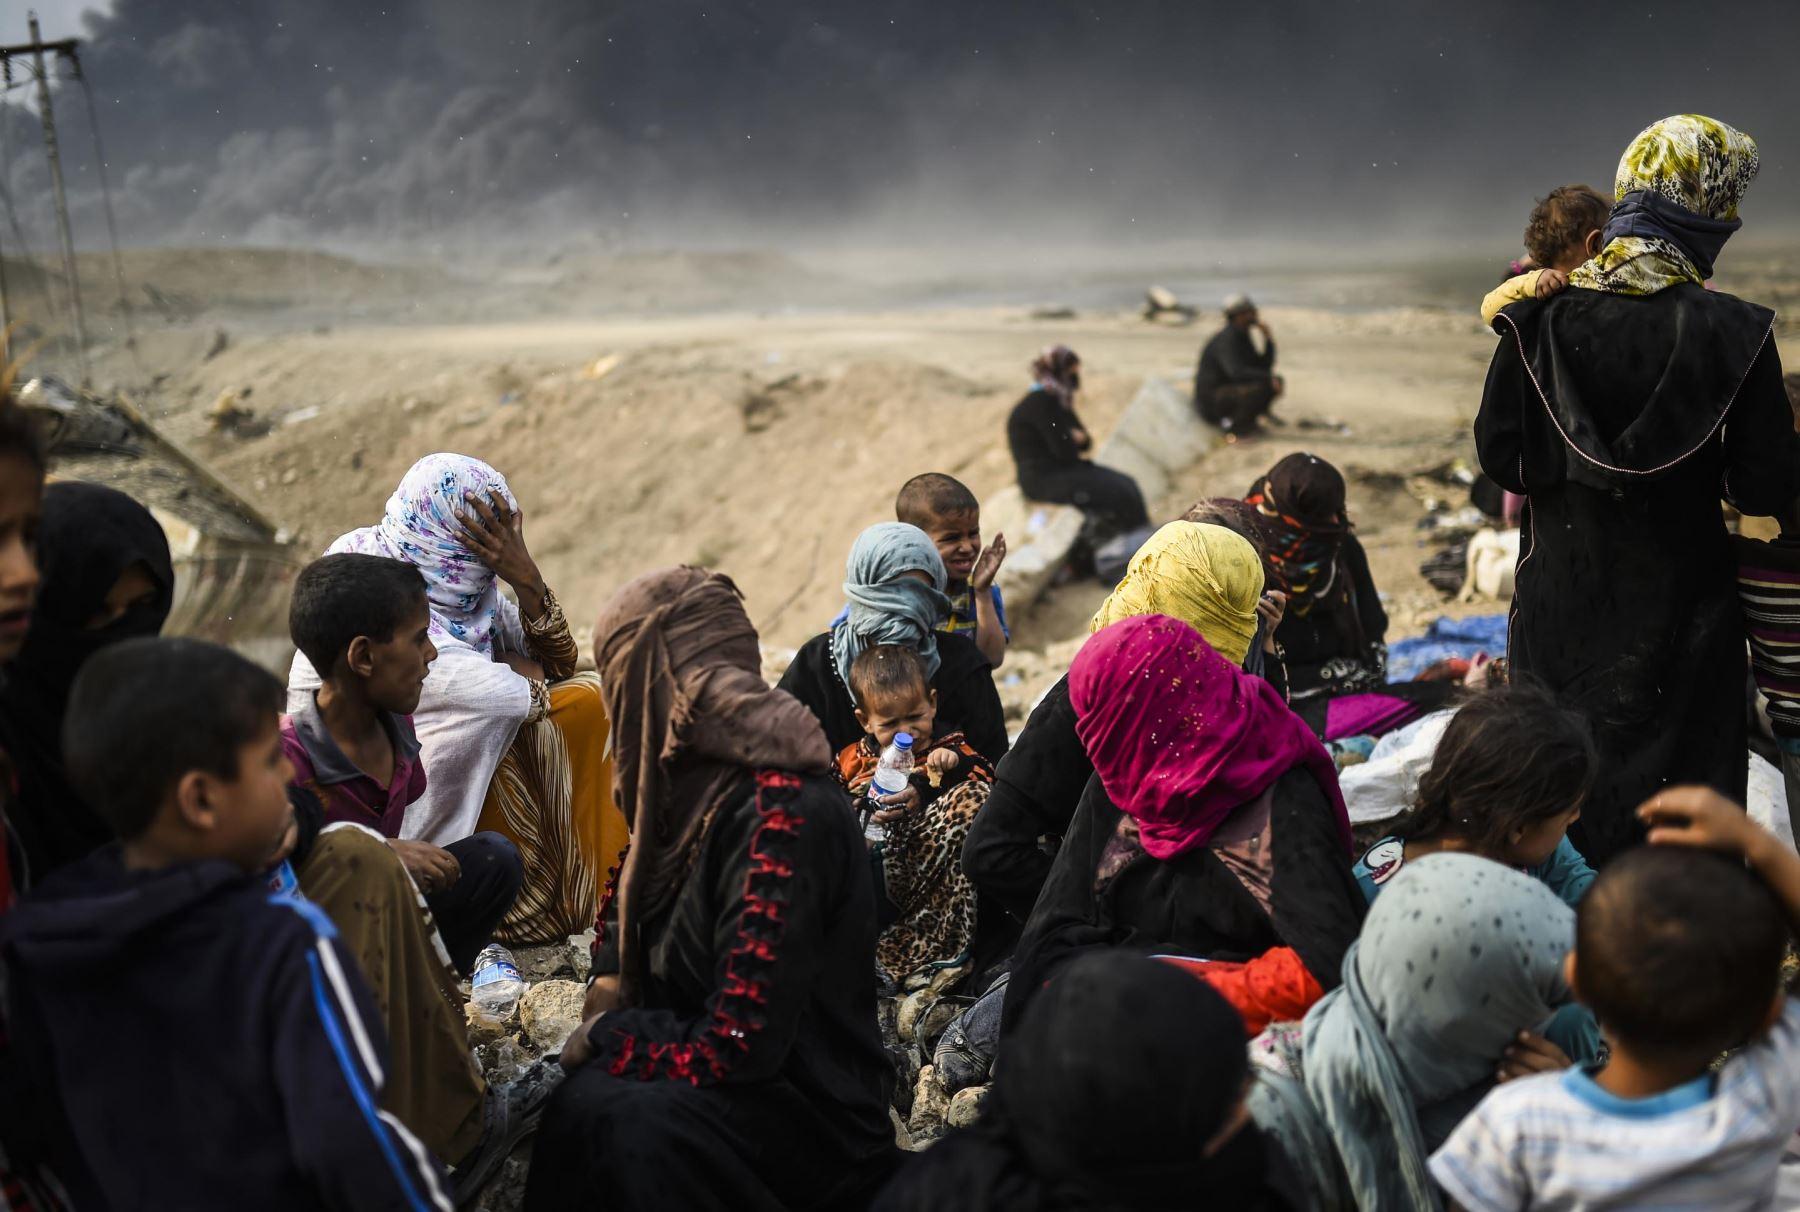 Familias iraquíes desplazadas vuelven a tomar la ciudad de Mosul. Foto: AFP